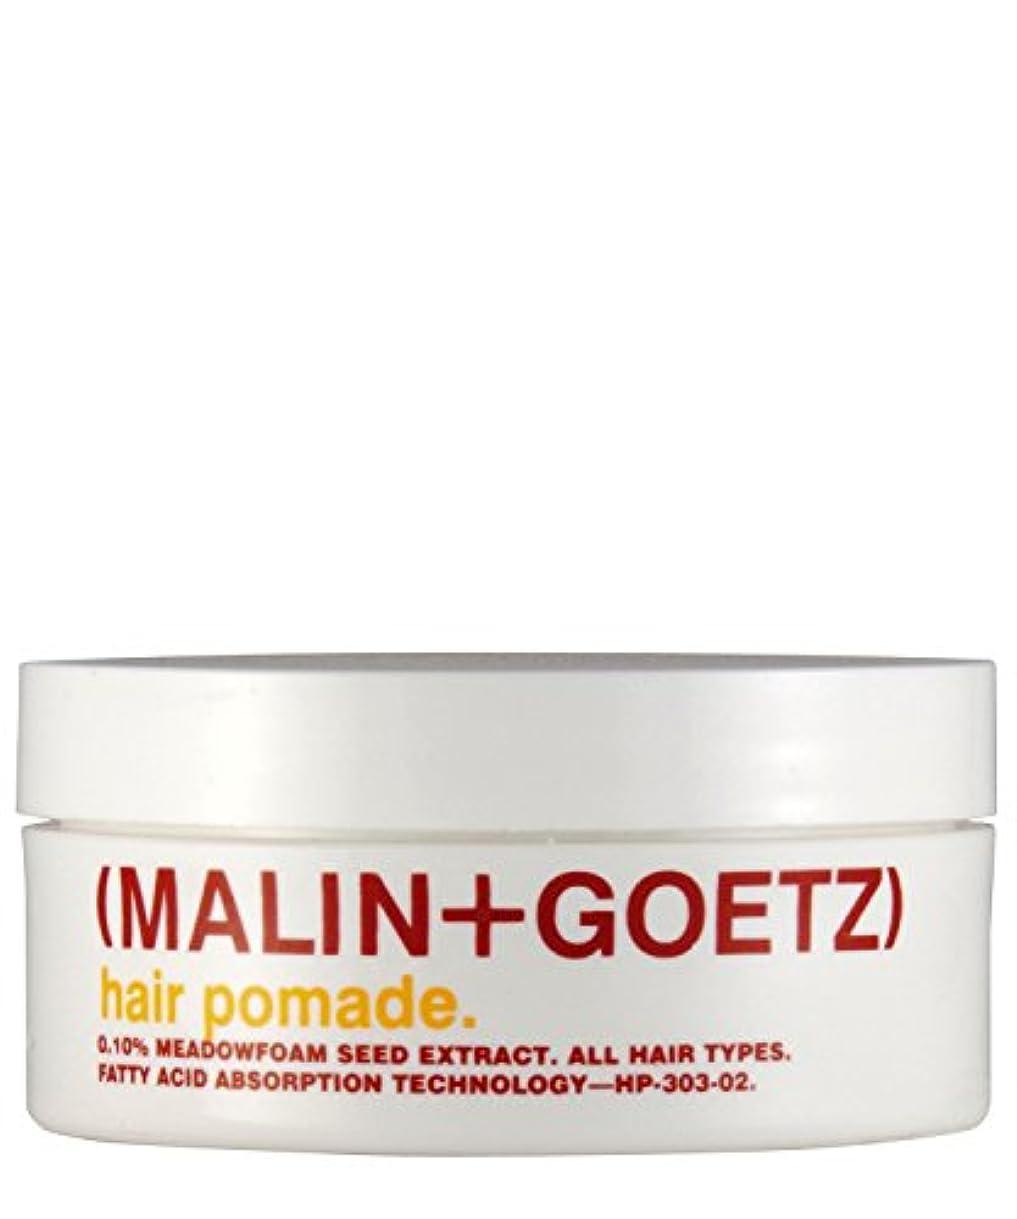 確認するファセット未満MALIN+GOETZ Hair Pomade, Malin+Goetz - マリン+ゲッツヘアポマード、マリン+ゲッツ [並行輸入品]